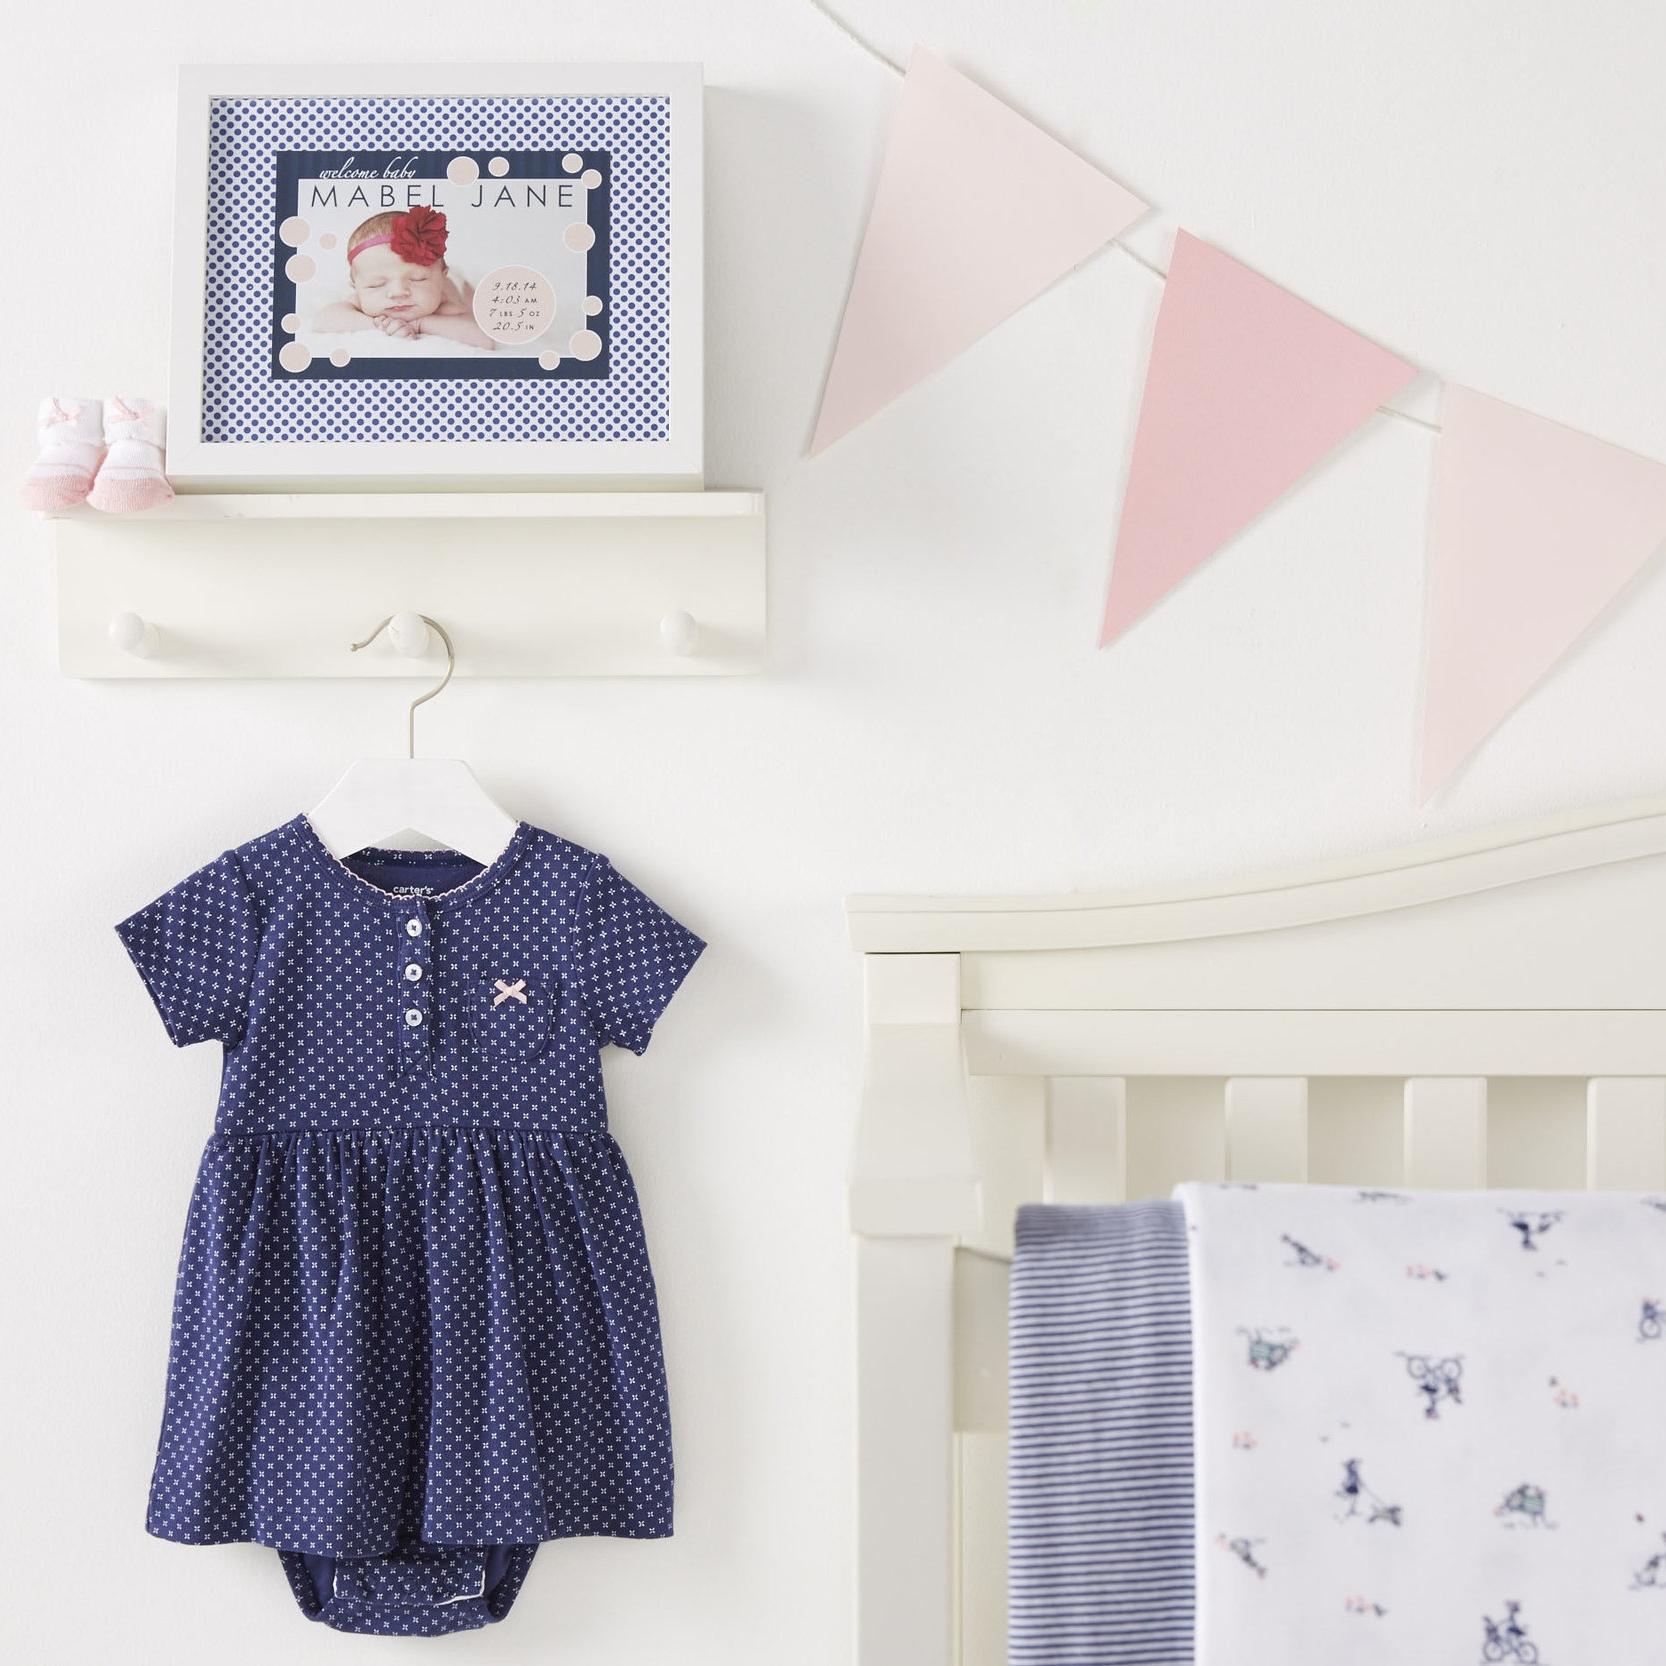 Baby Girl Nursery  for Carter's |   Steve Pomberg